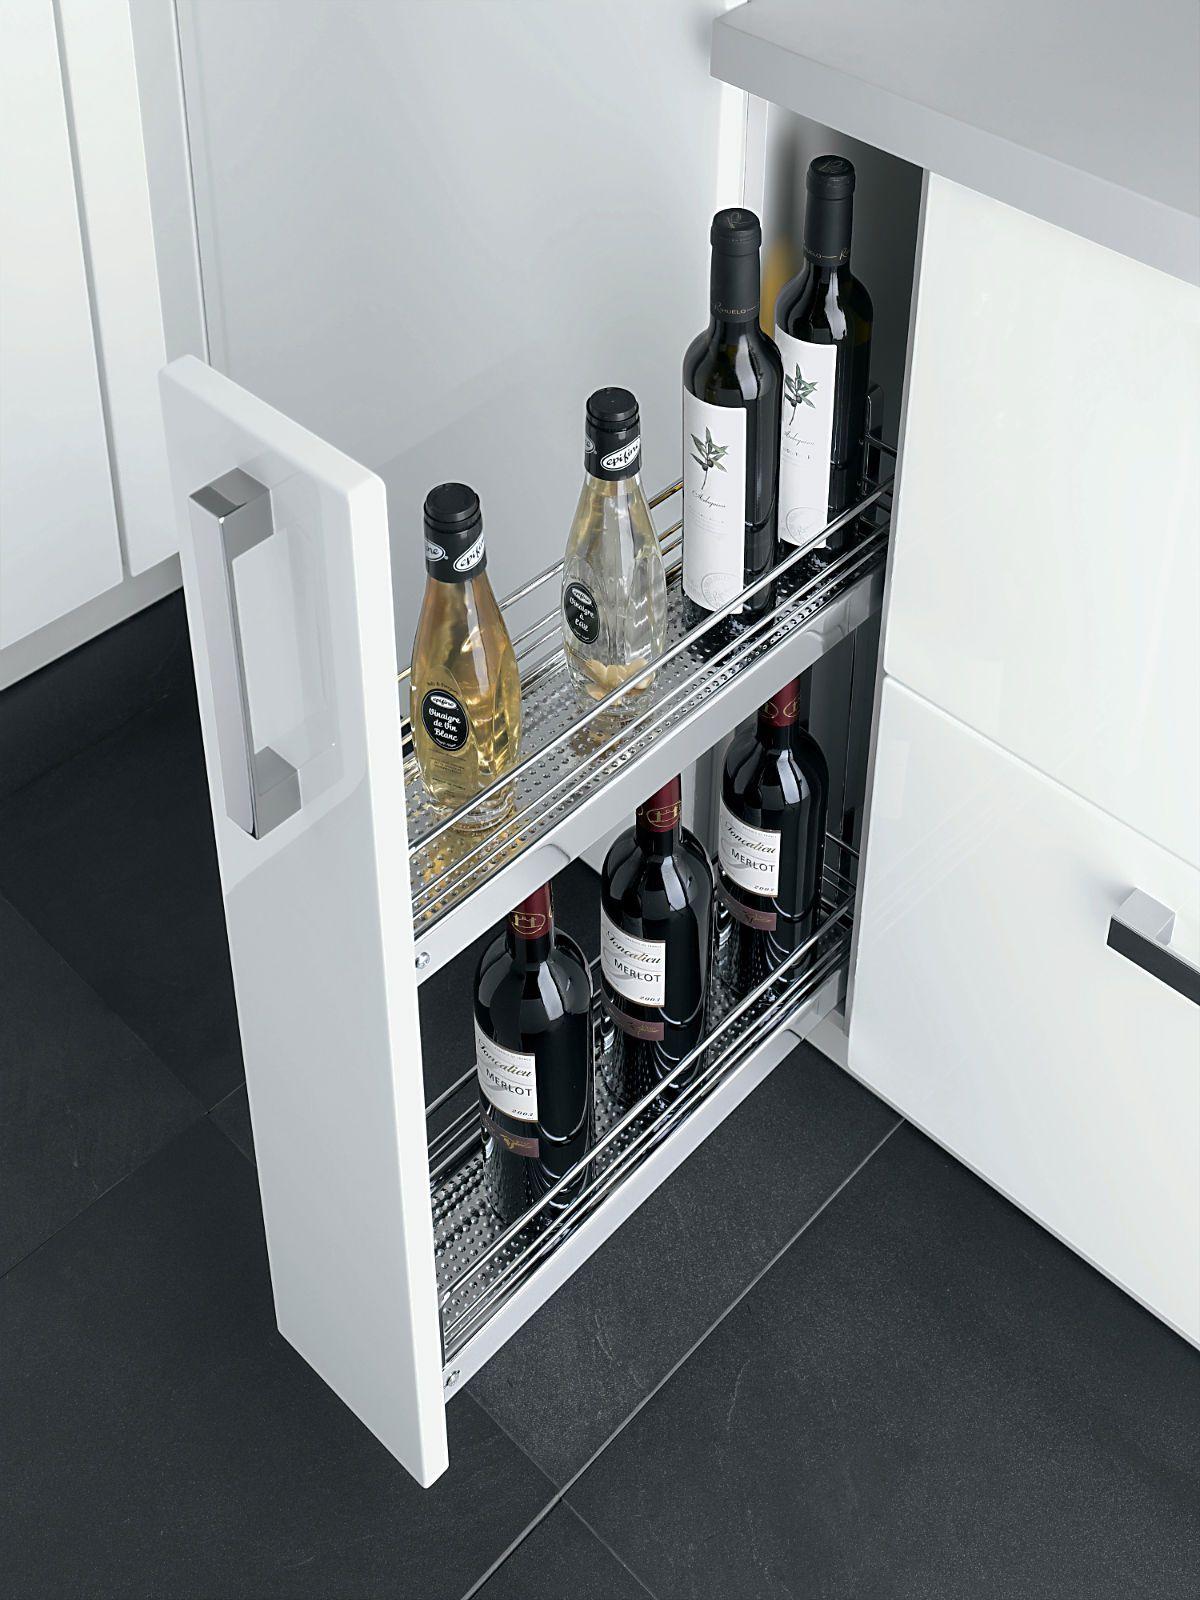 Ikea Küche Unterschrank 25 Cm Breit  Mittelalter Küche Bauen  ᐅ